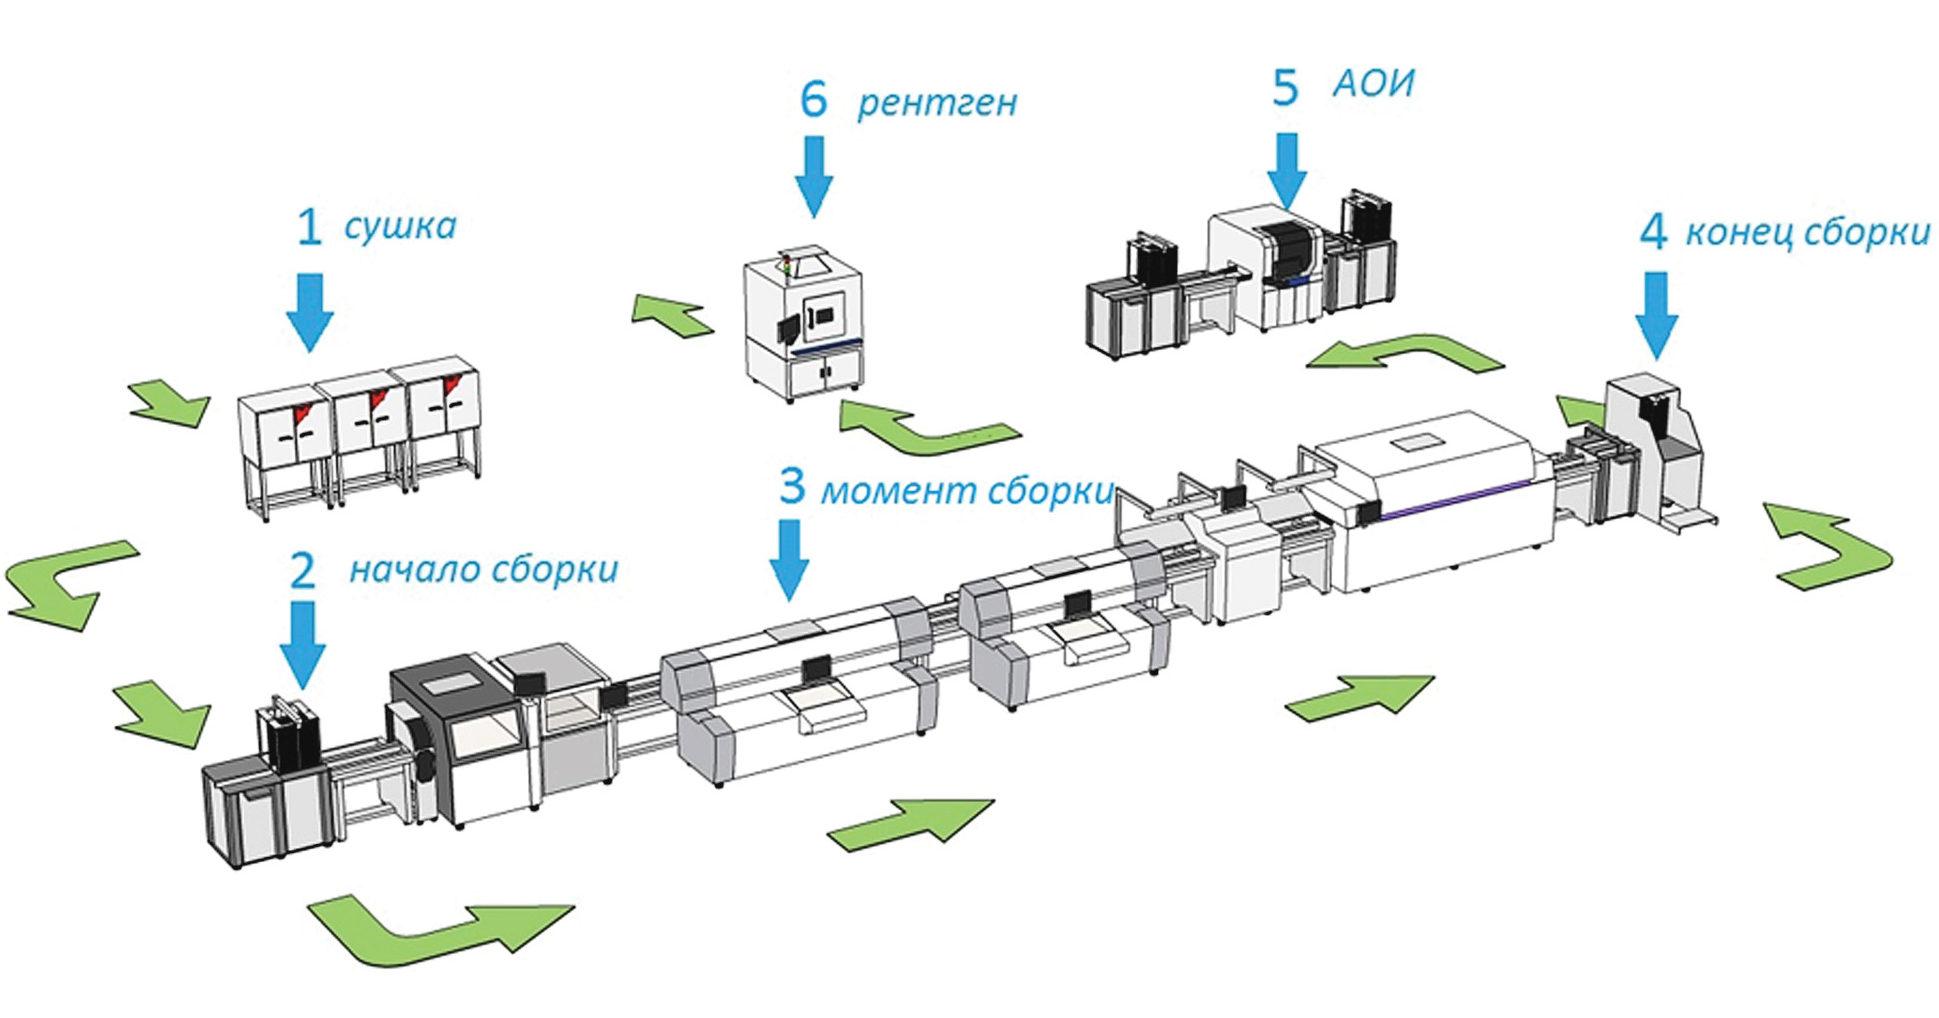 Выбор точек сбора информации на участке про производстве электроники